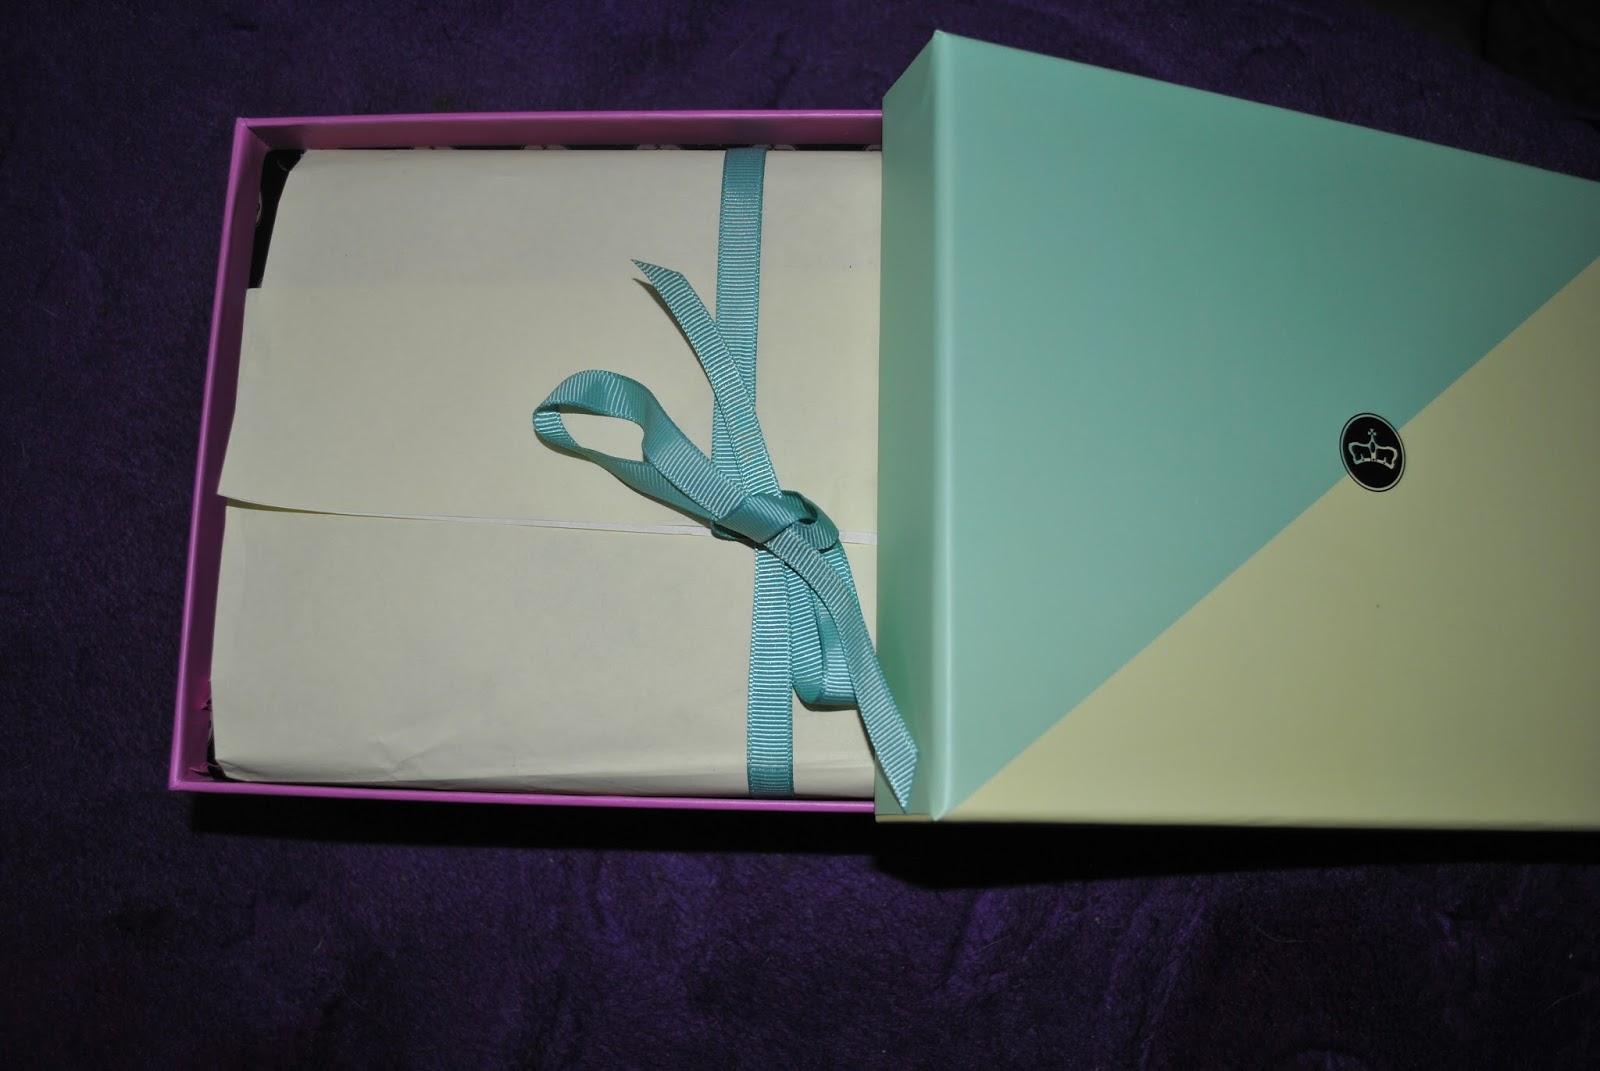 Zawartośc lipcowego pudełka beGLOSSY Happy Colors